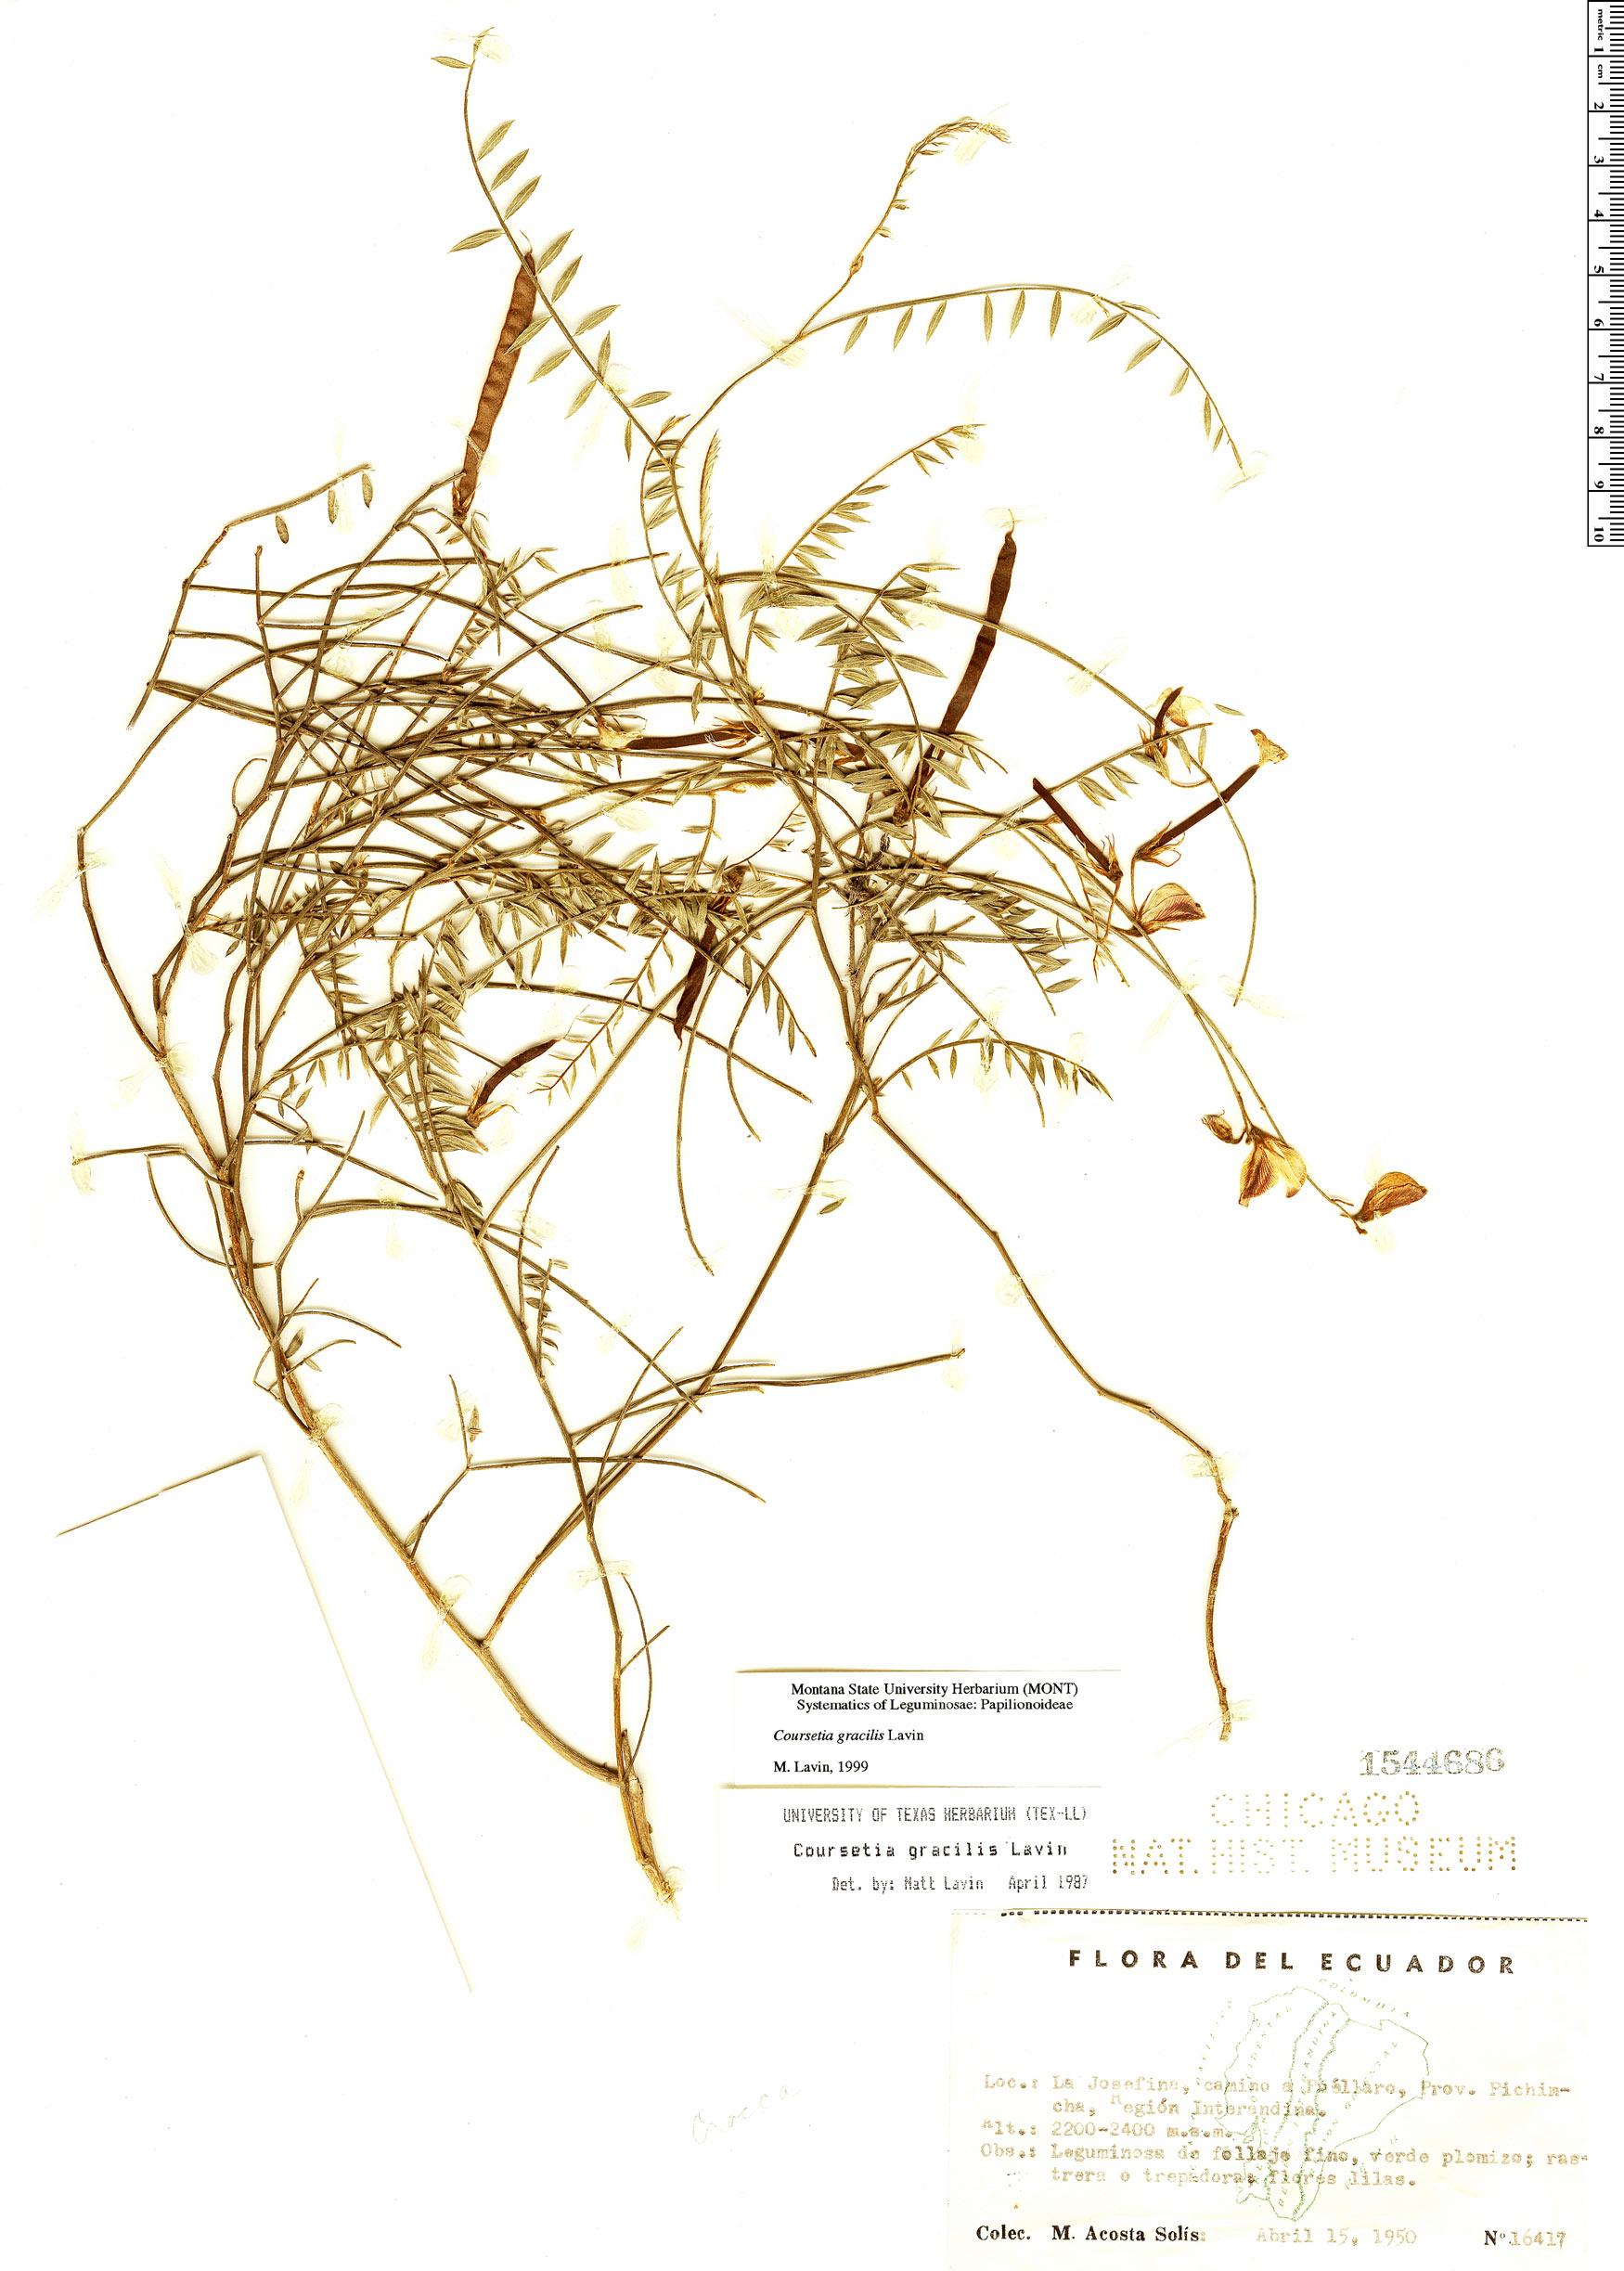 Specimen: Coursetia gracilis